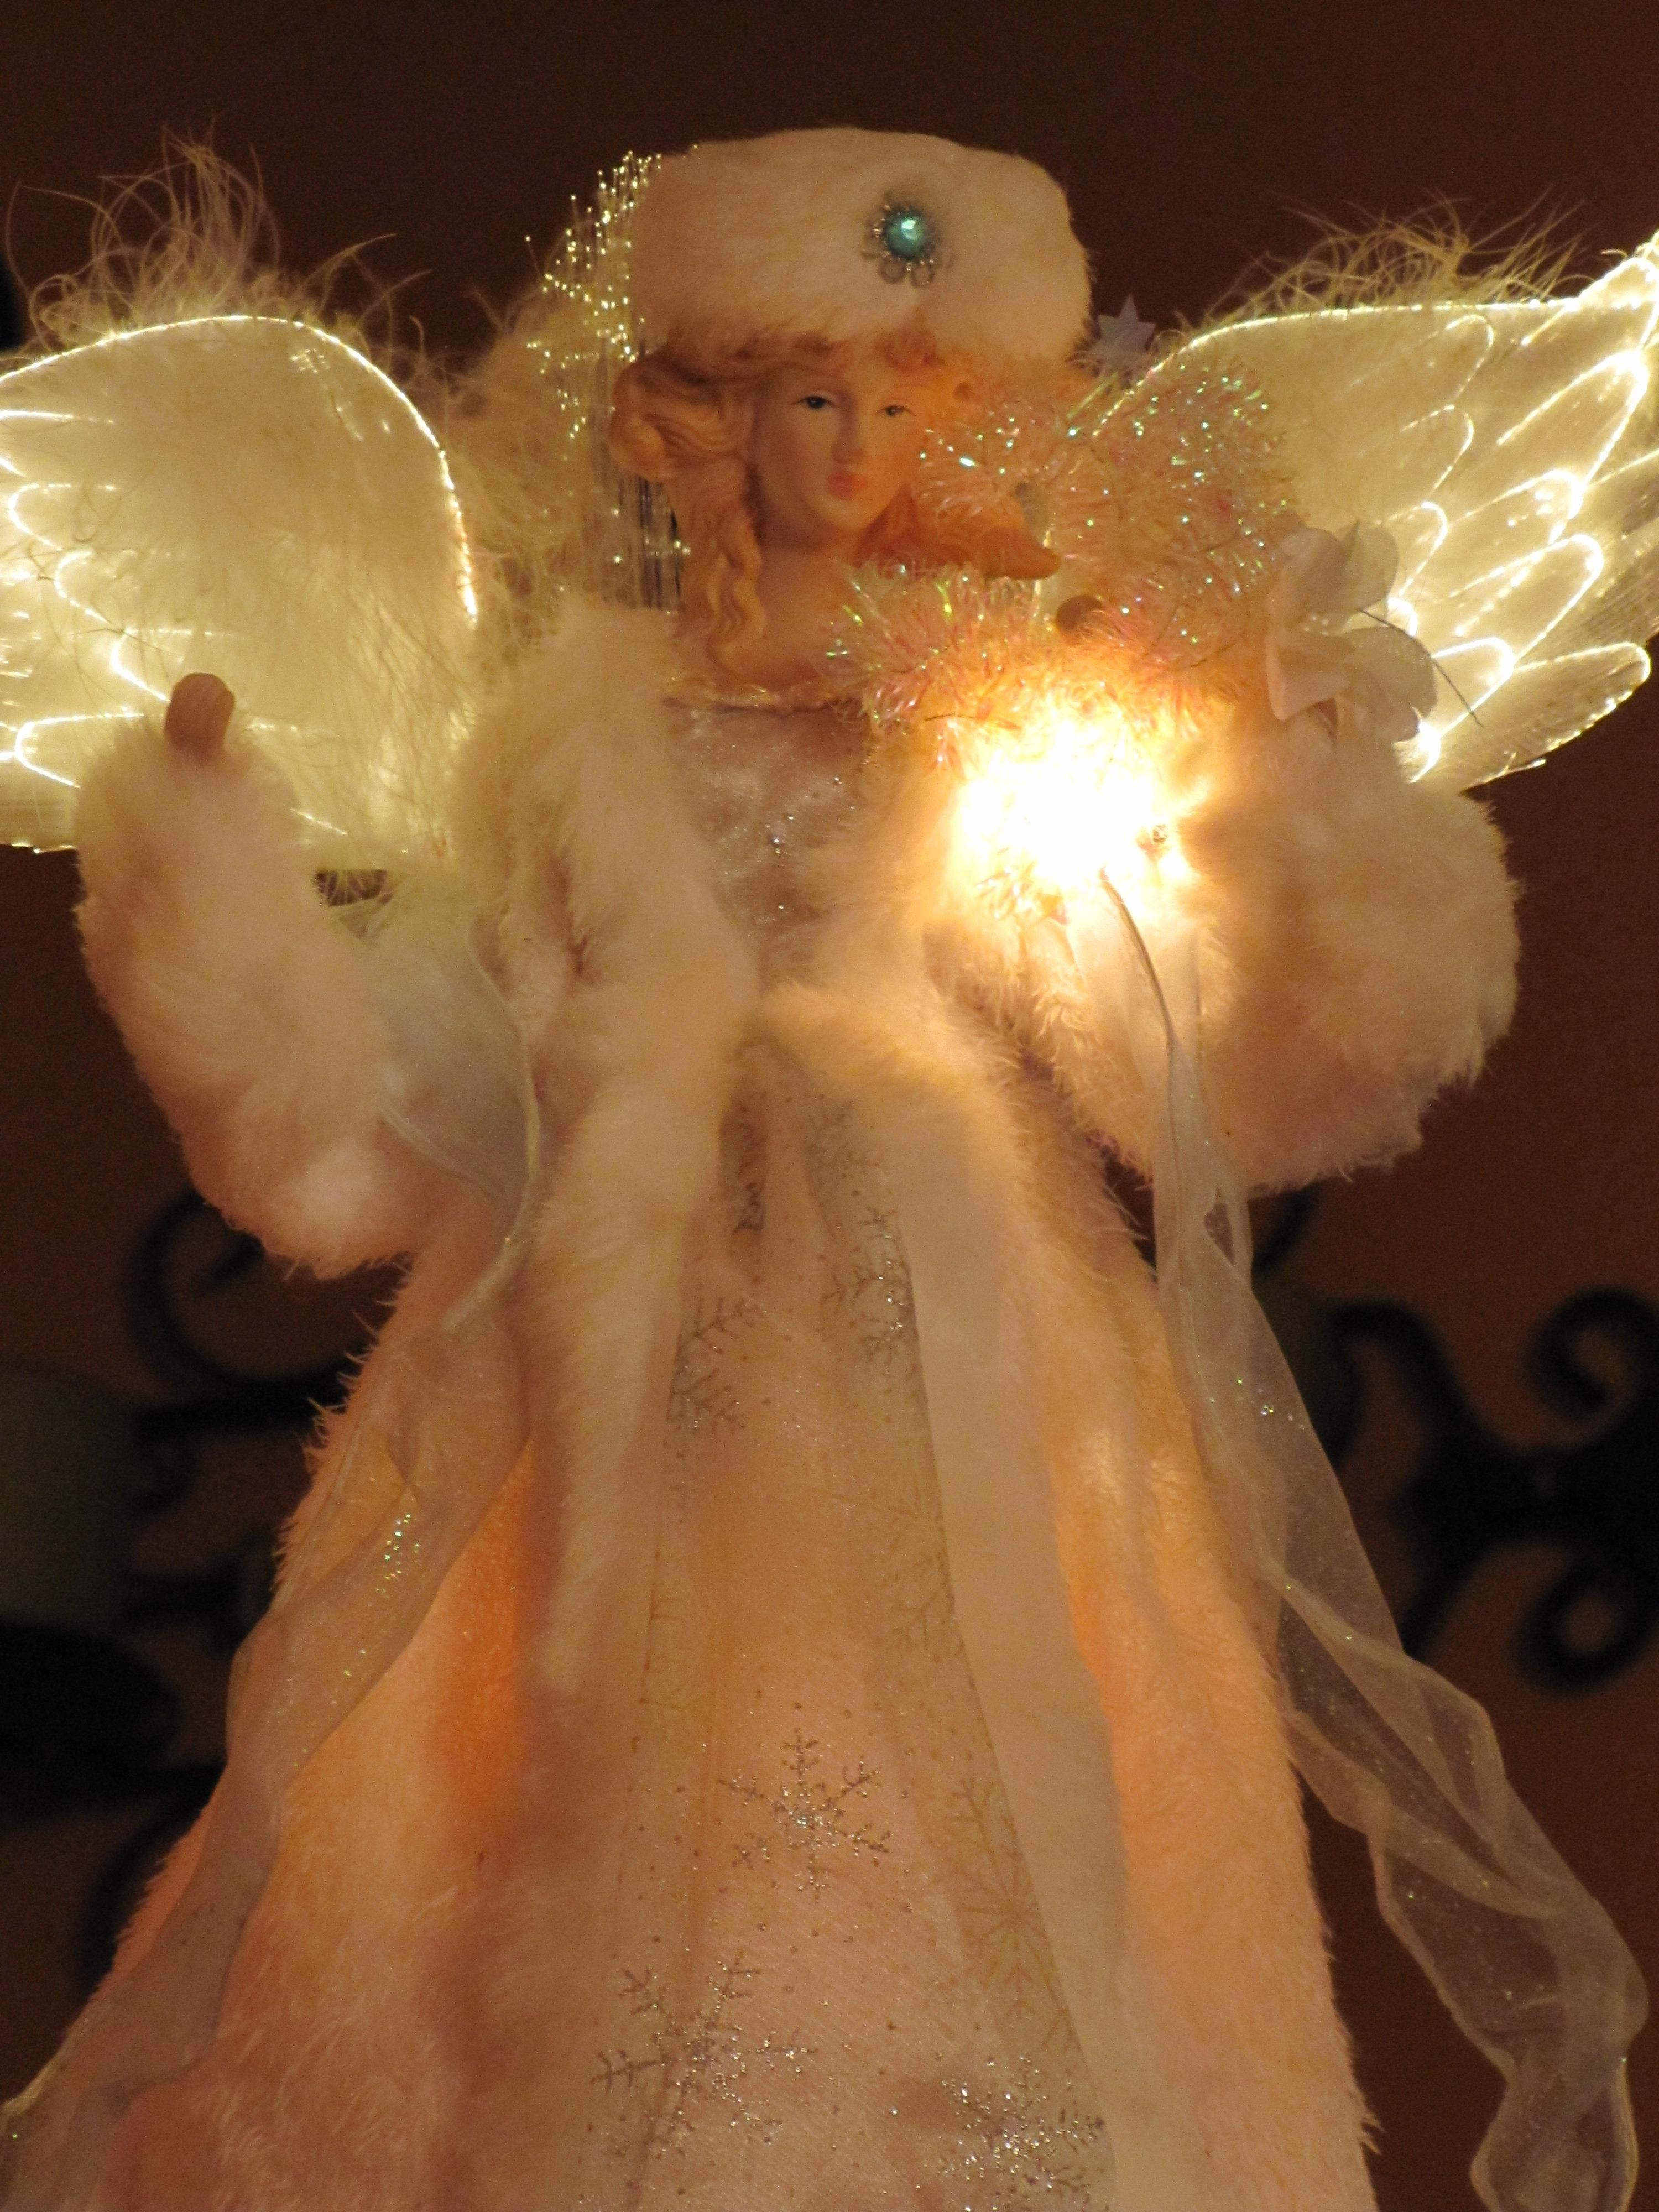 888486b322e9 träd firande dekoration jul leksak ängel lampor klänning jul fiktiv karaktär